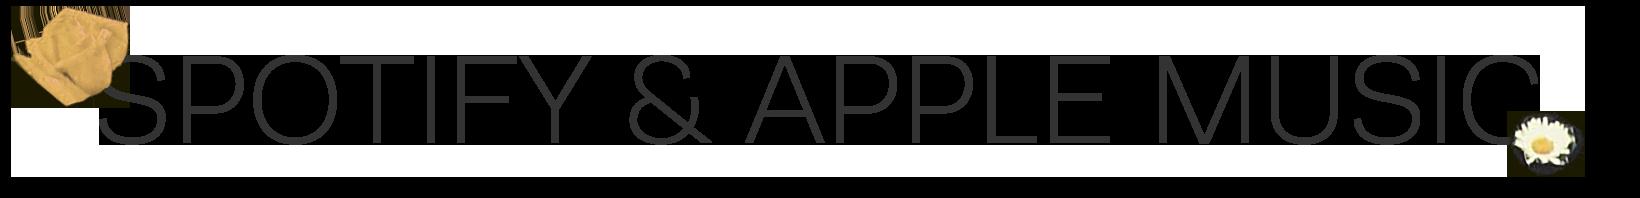 Spot&App.png